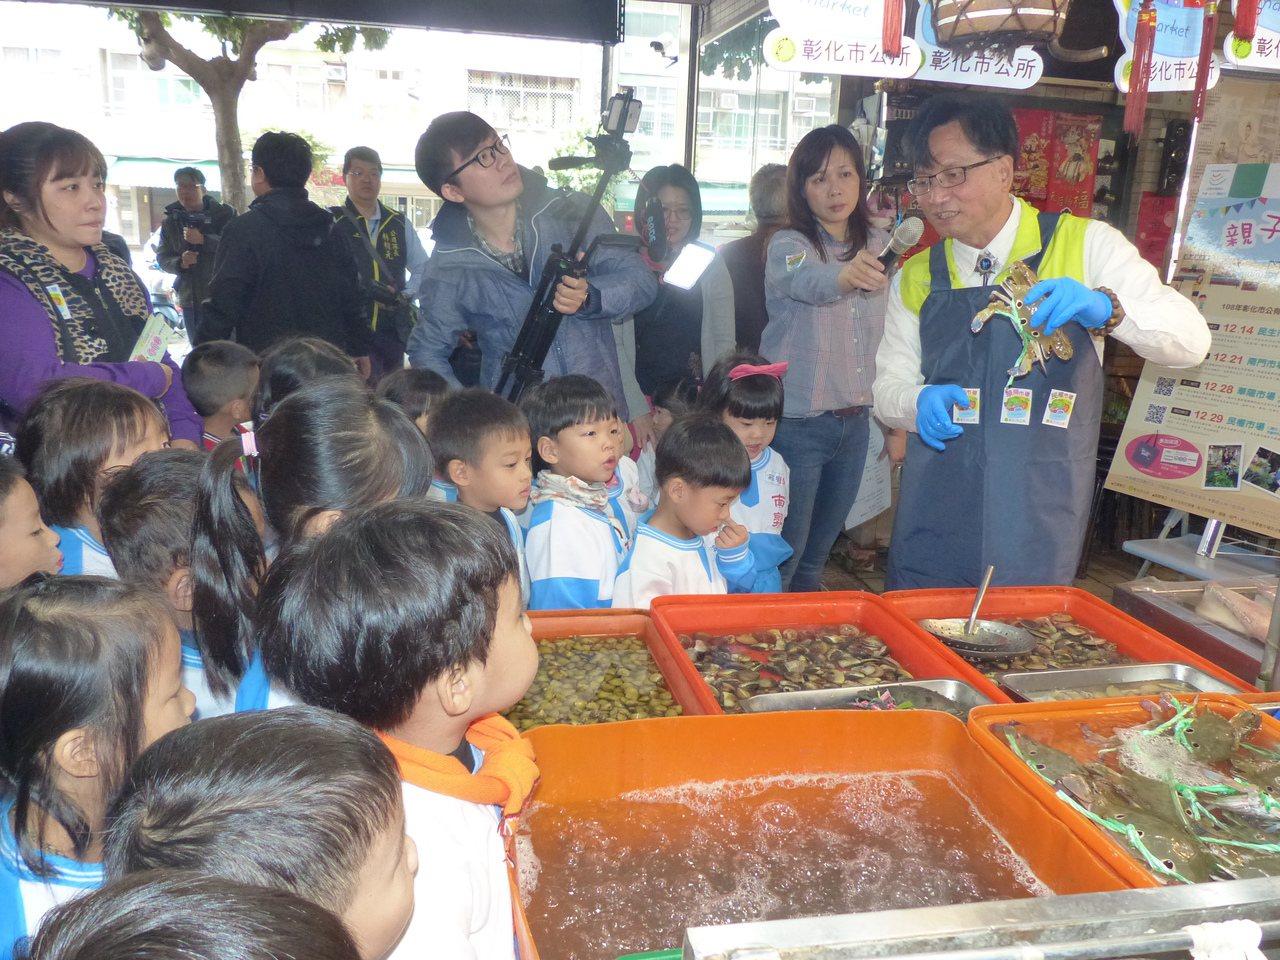 彰化市長林世賢教導小朋友如何選購新鮮螃蟹。記者劉明岩/攝影